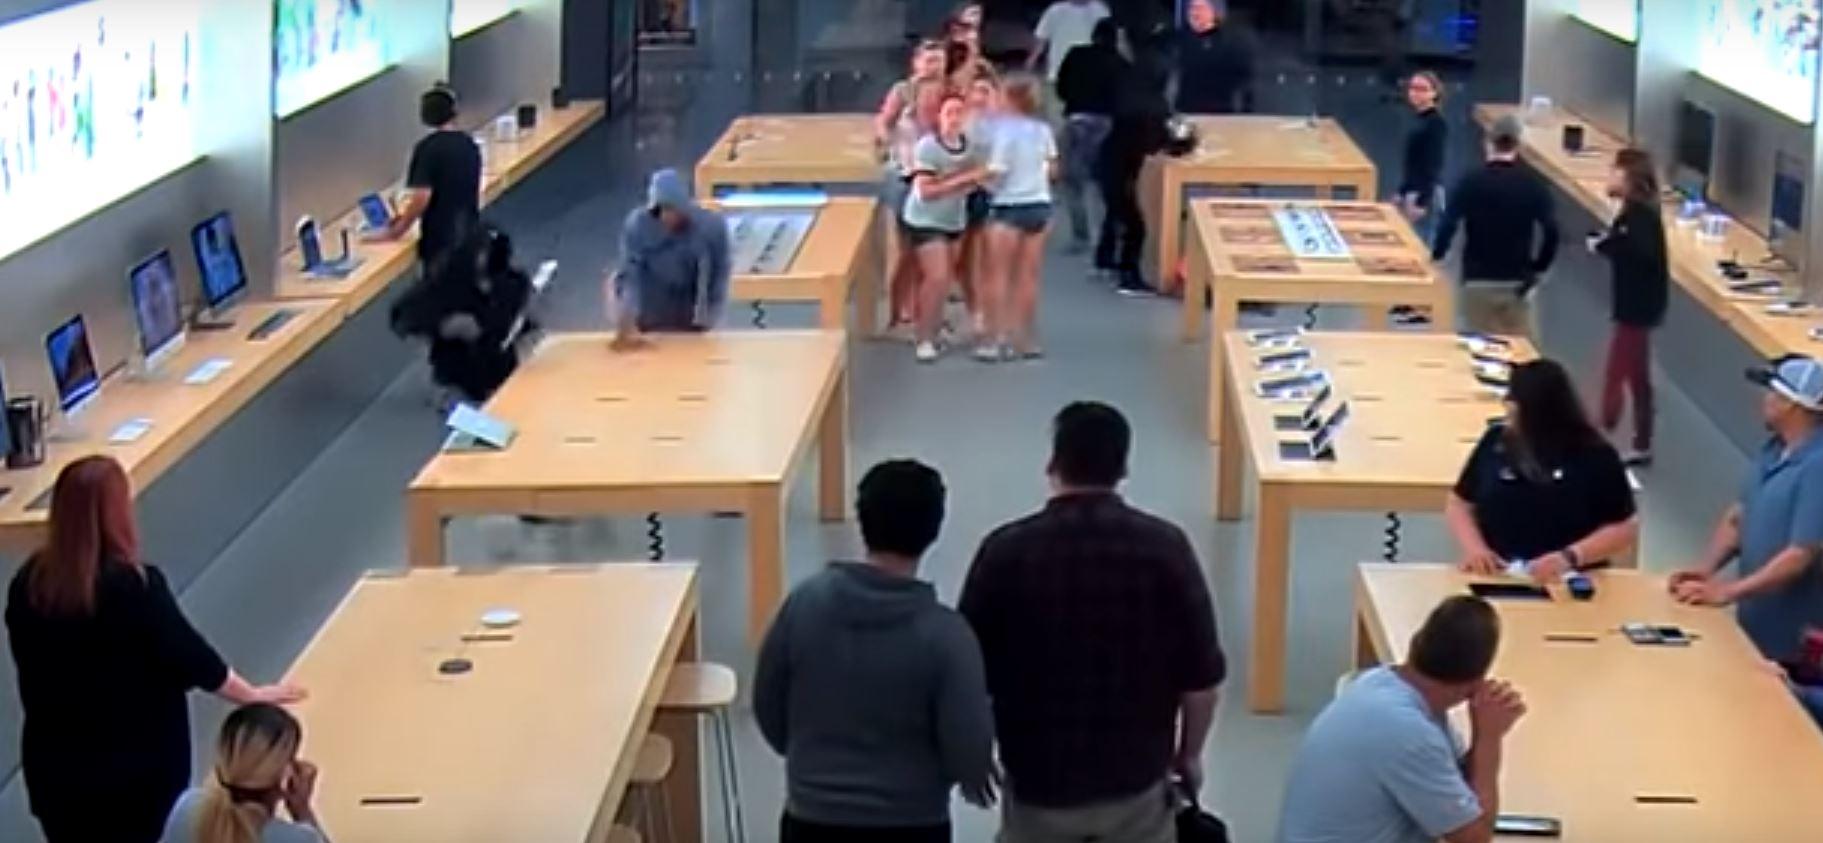 Воры молниеносно ограбили Apple Store в Калифорнии на $27 тысяч